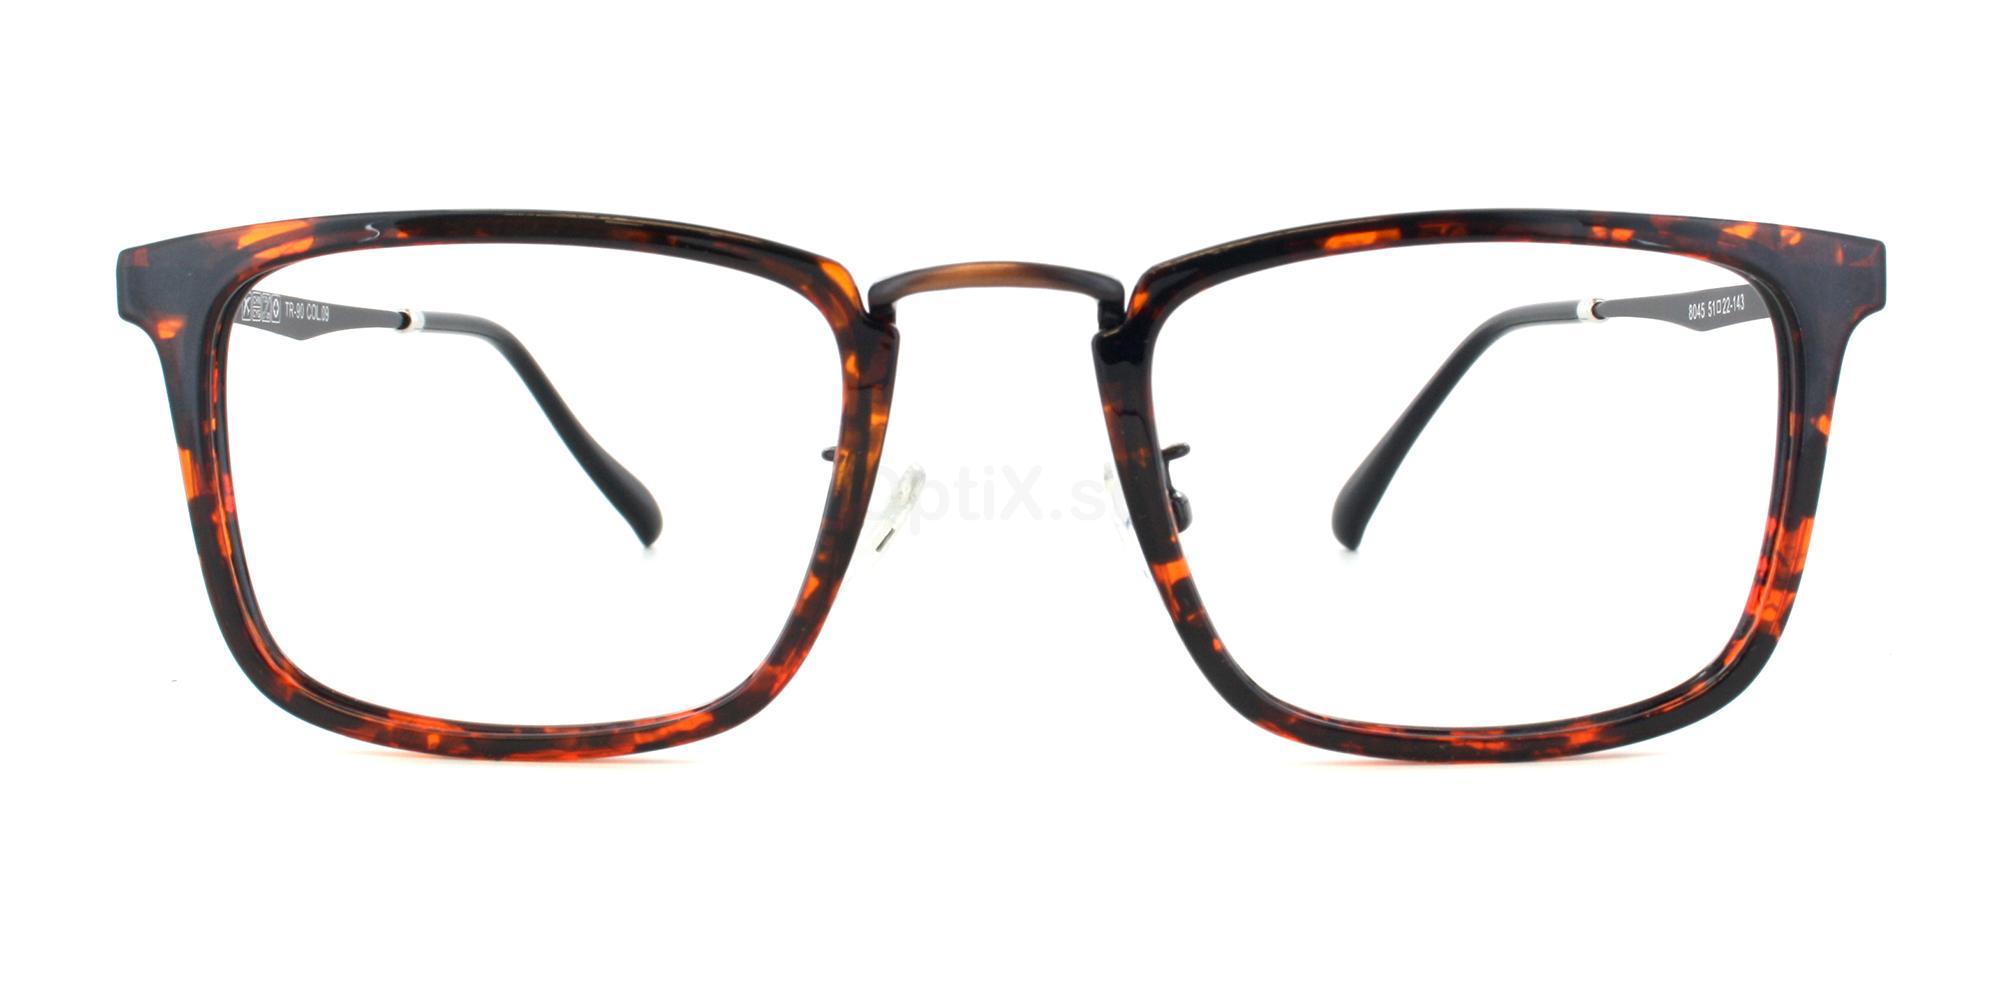 C09 8045 Glasses, SelectSpecs